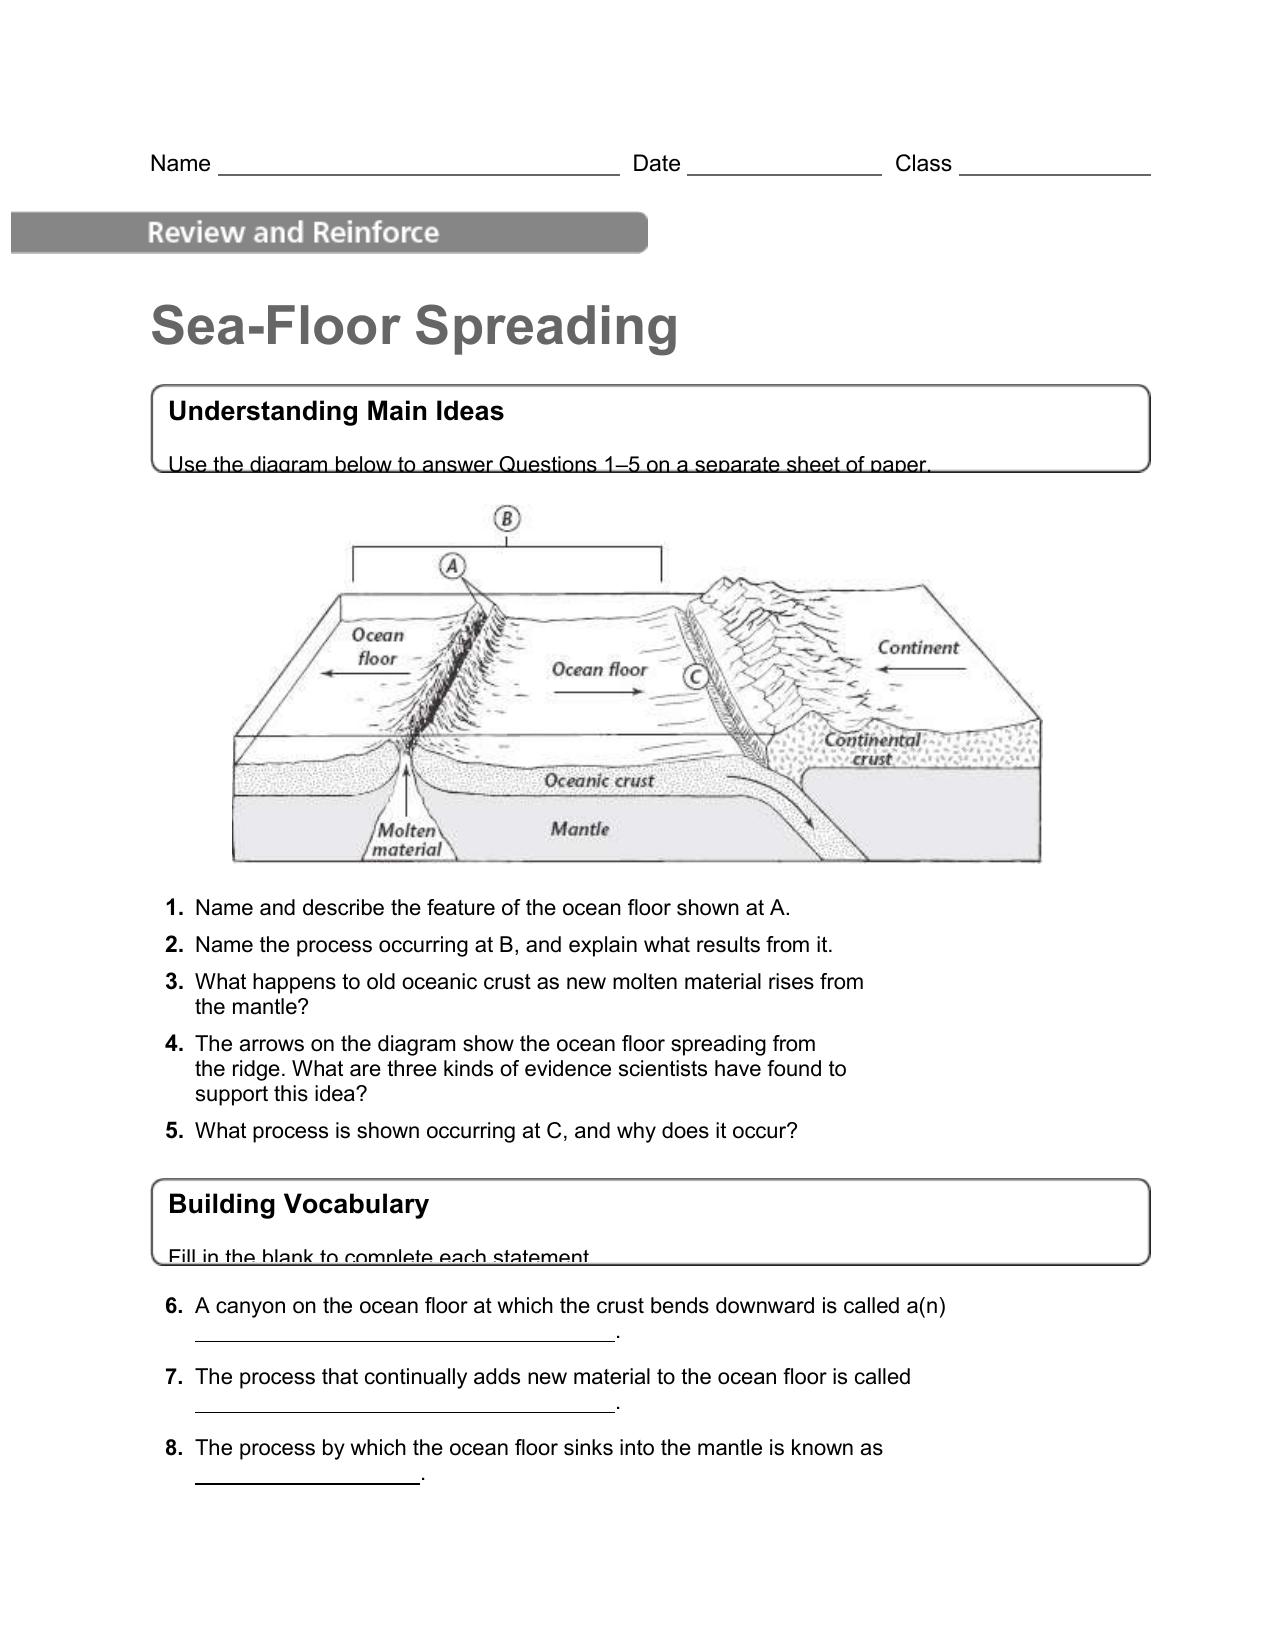 Worksheets Sea Floor Spreading Worksheet sea floor spreading homework